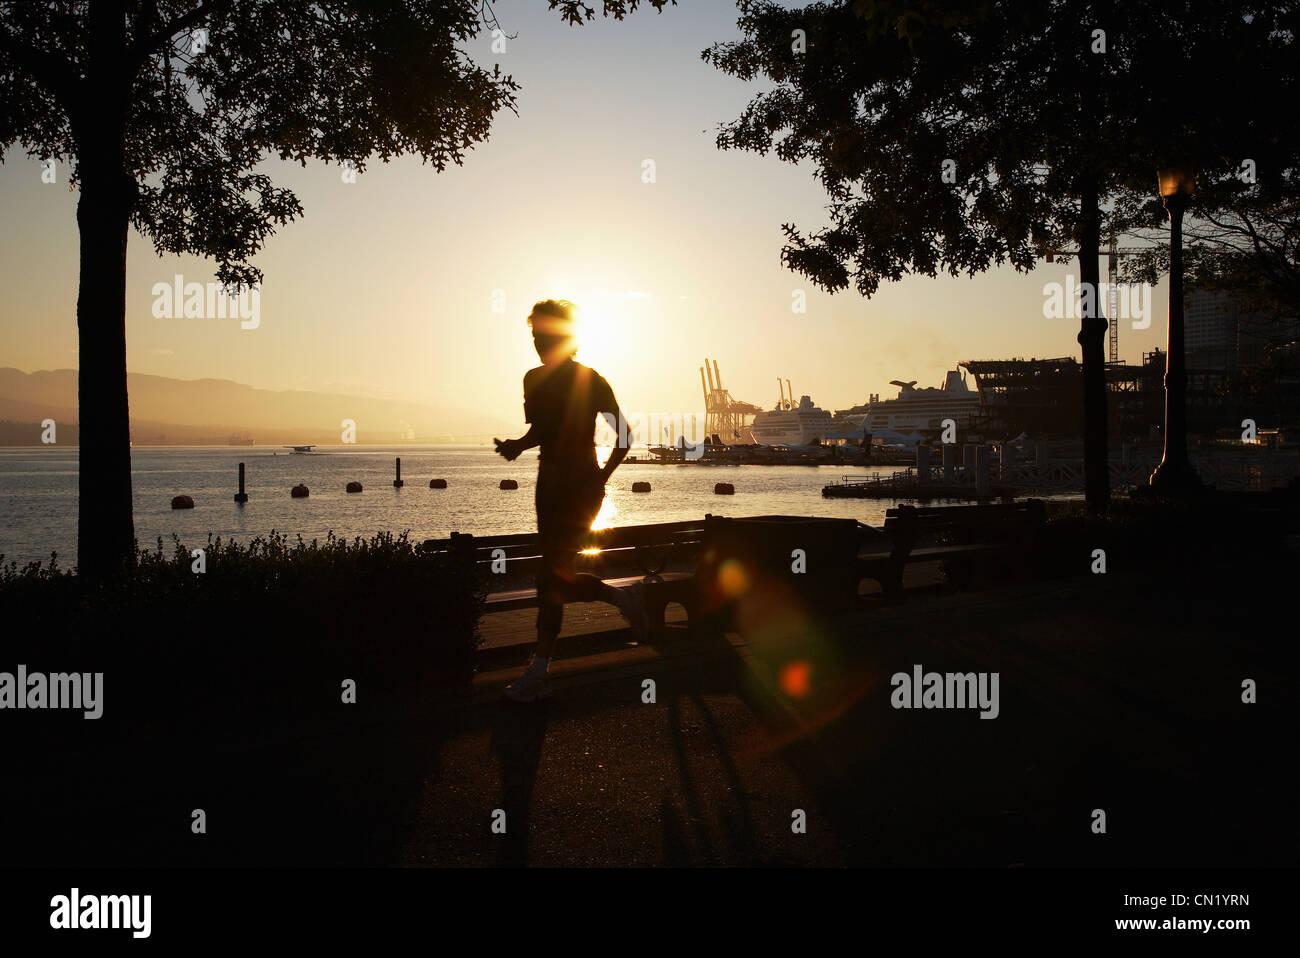 Person jogging along promenade, Canada - Stock Image